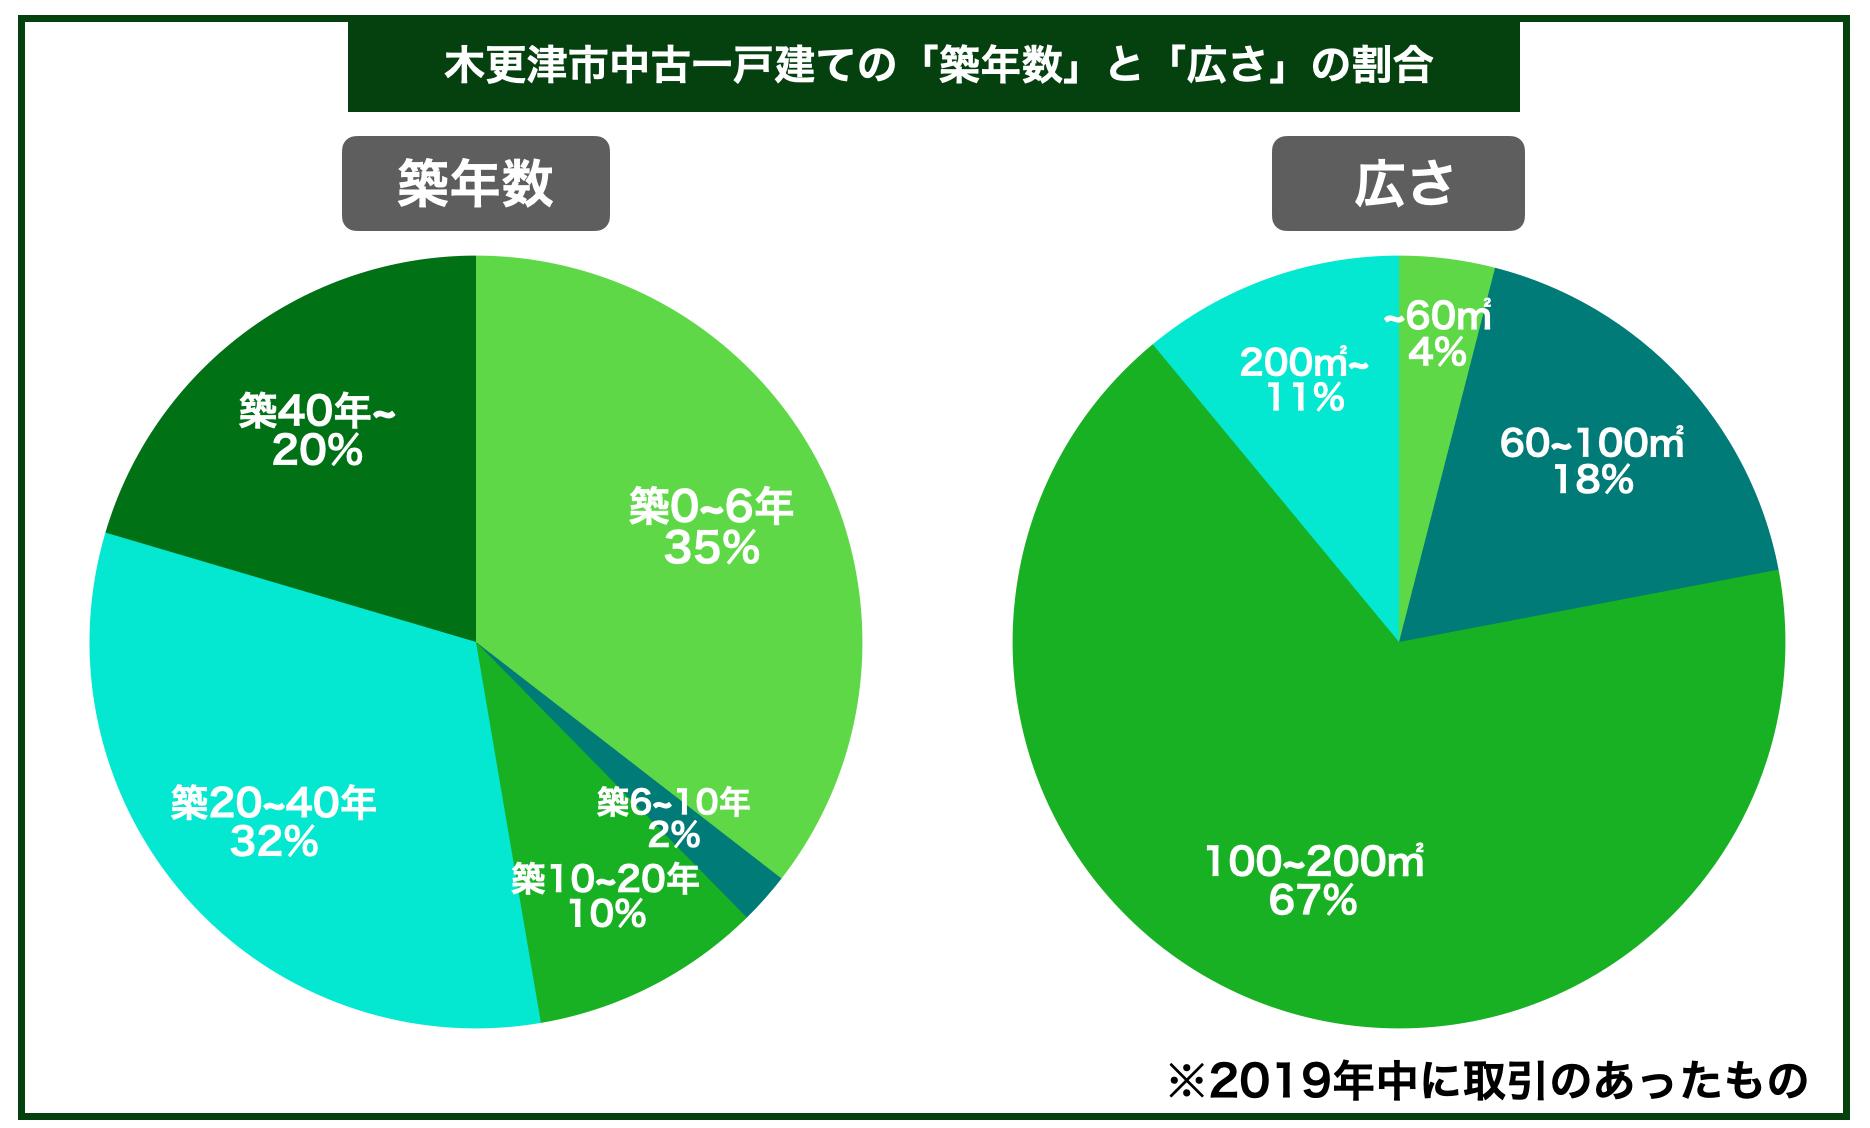 木更津市中古一戸建ての平均築年数と広さの割合